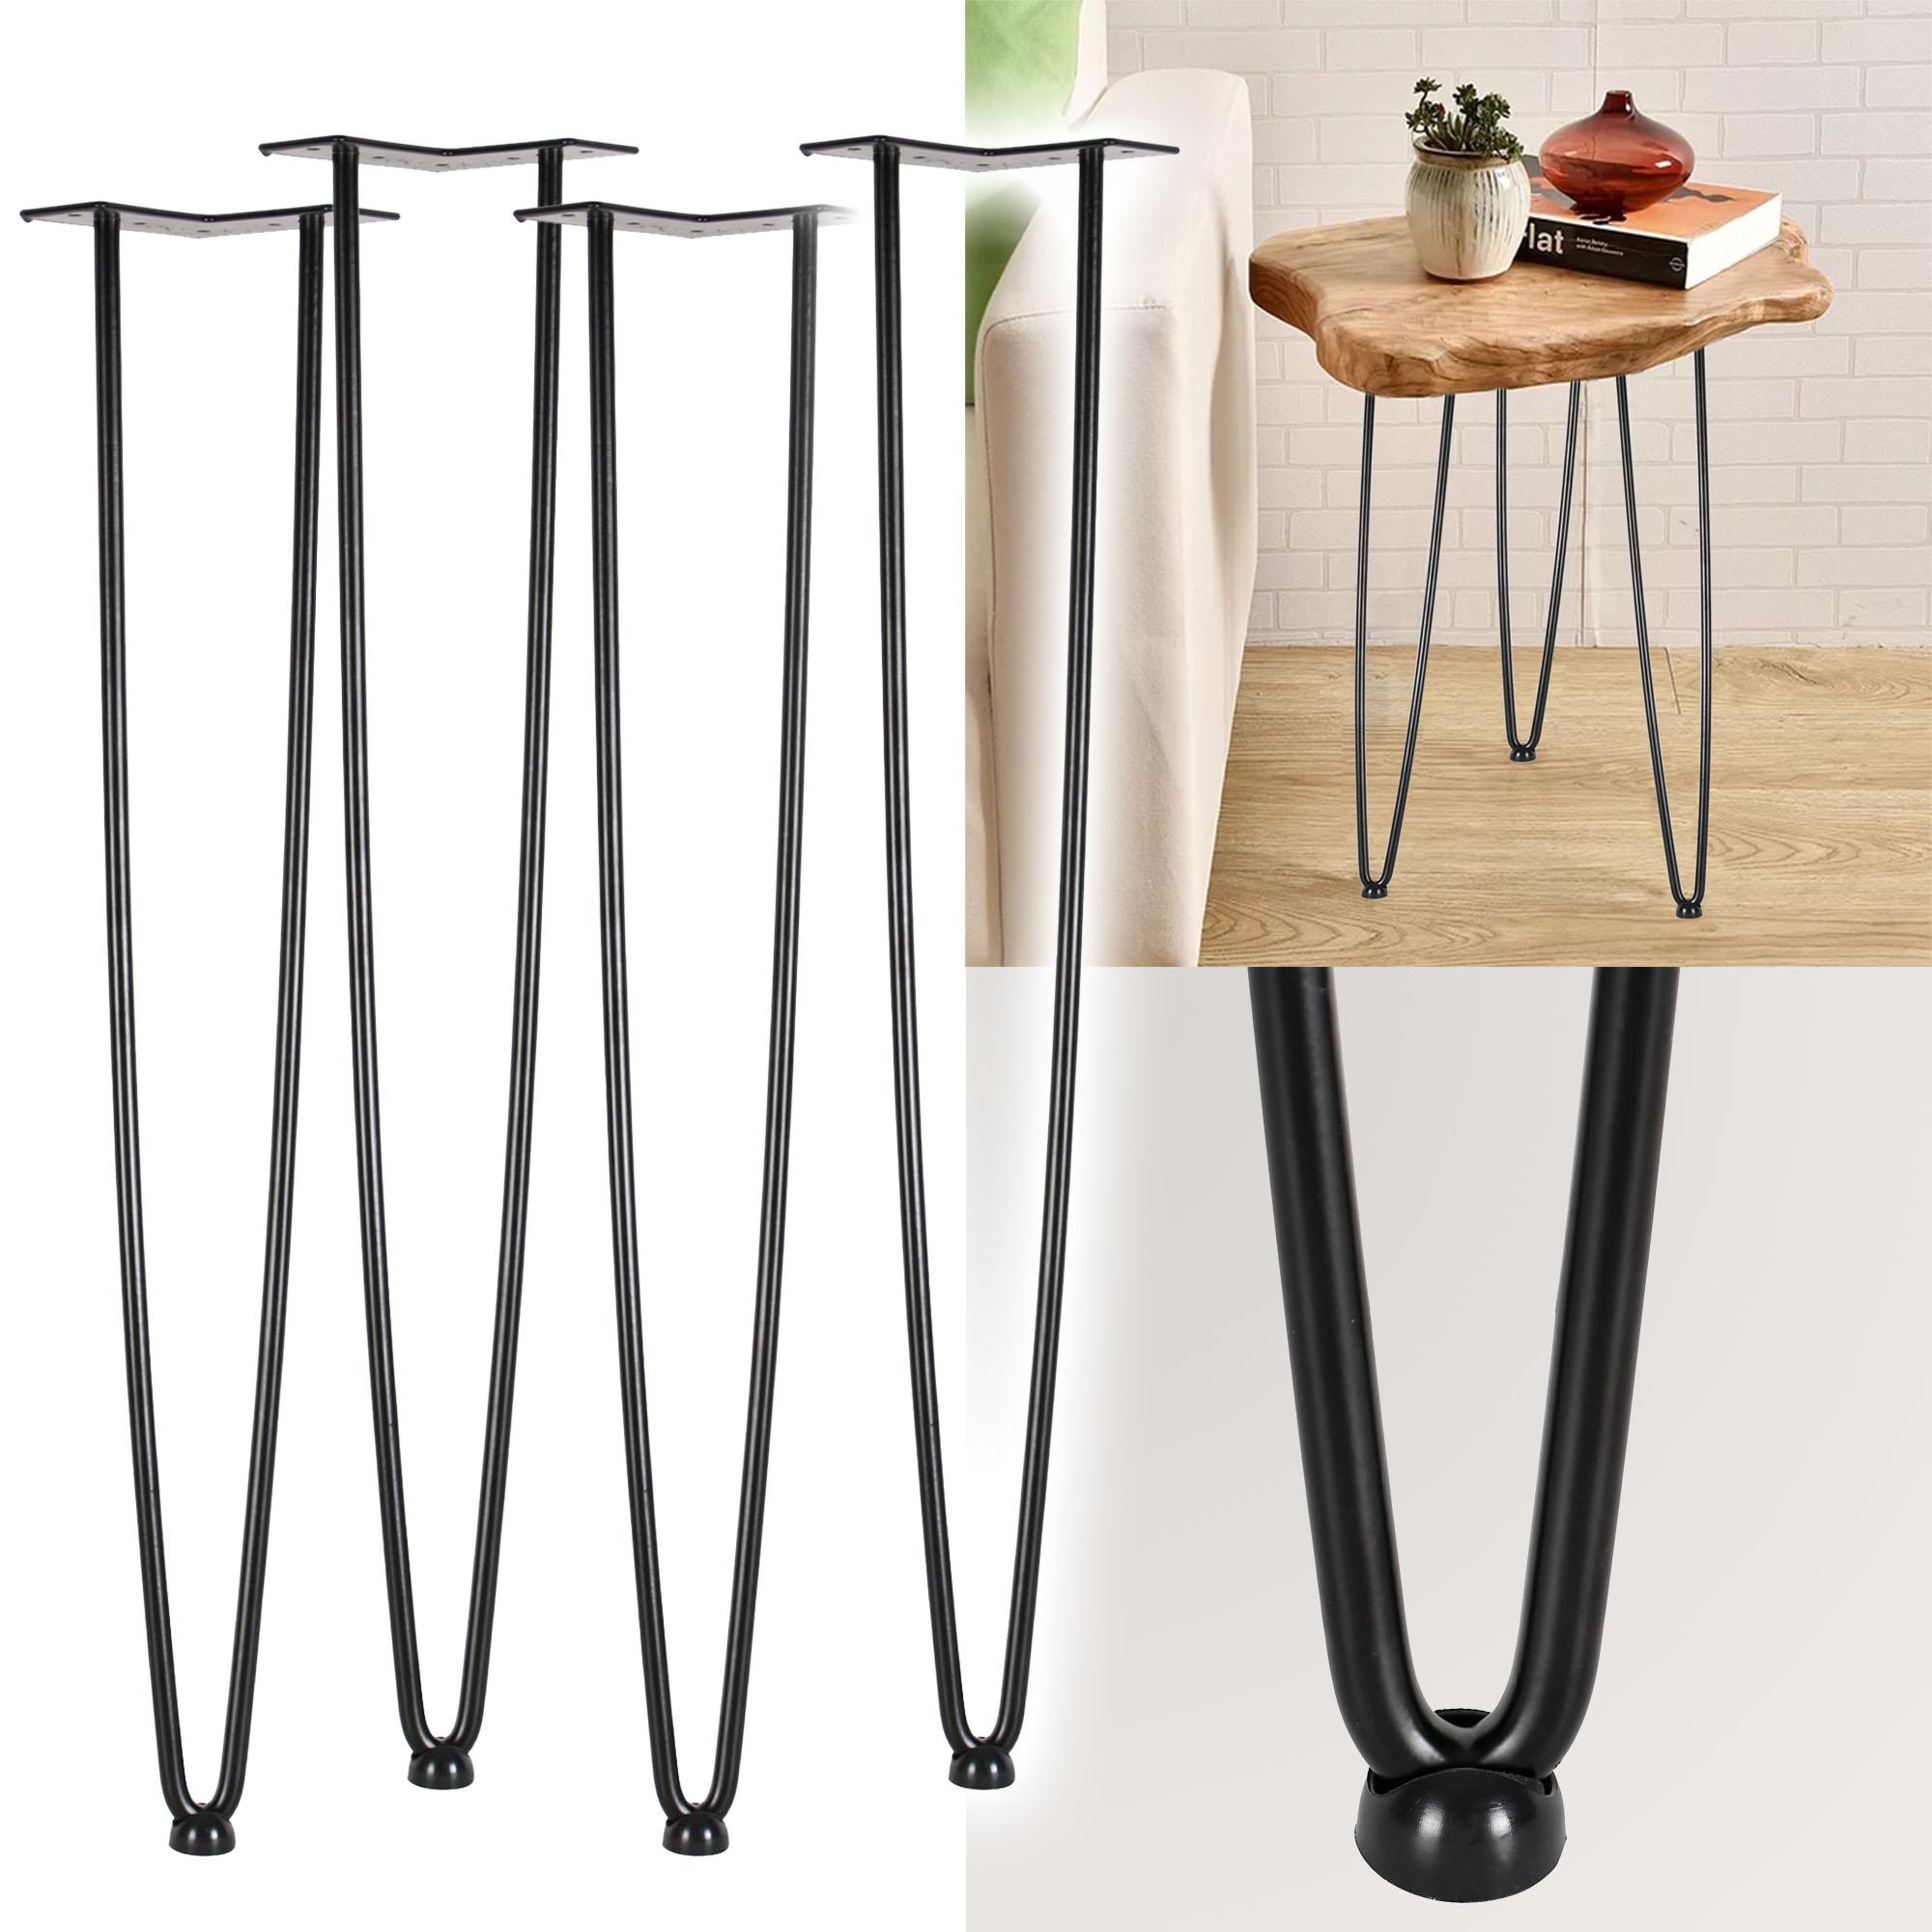 Details zu Jeu 12 Pieds de table épingle à cheveux Hairpin Legs Tige 12cm  Support de meuble